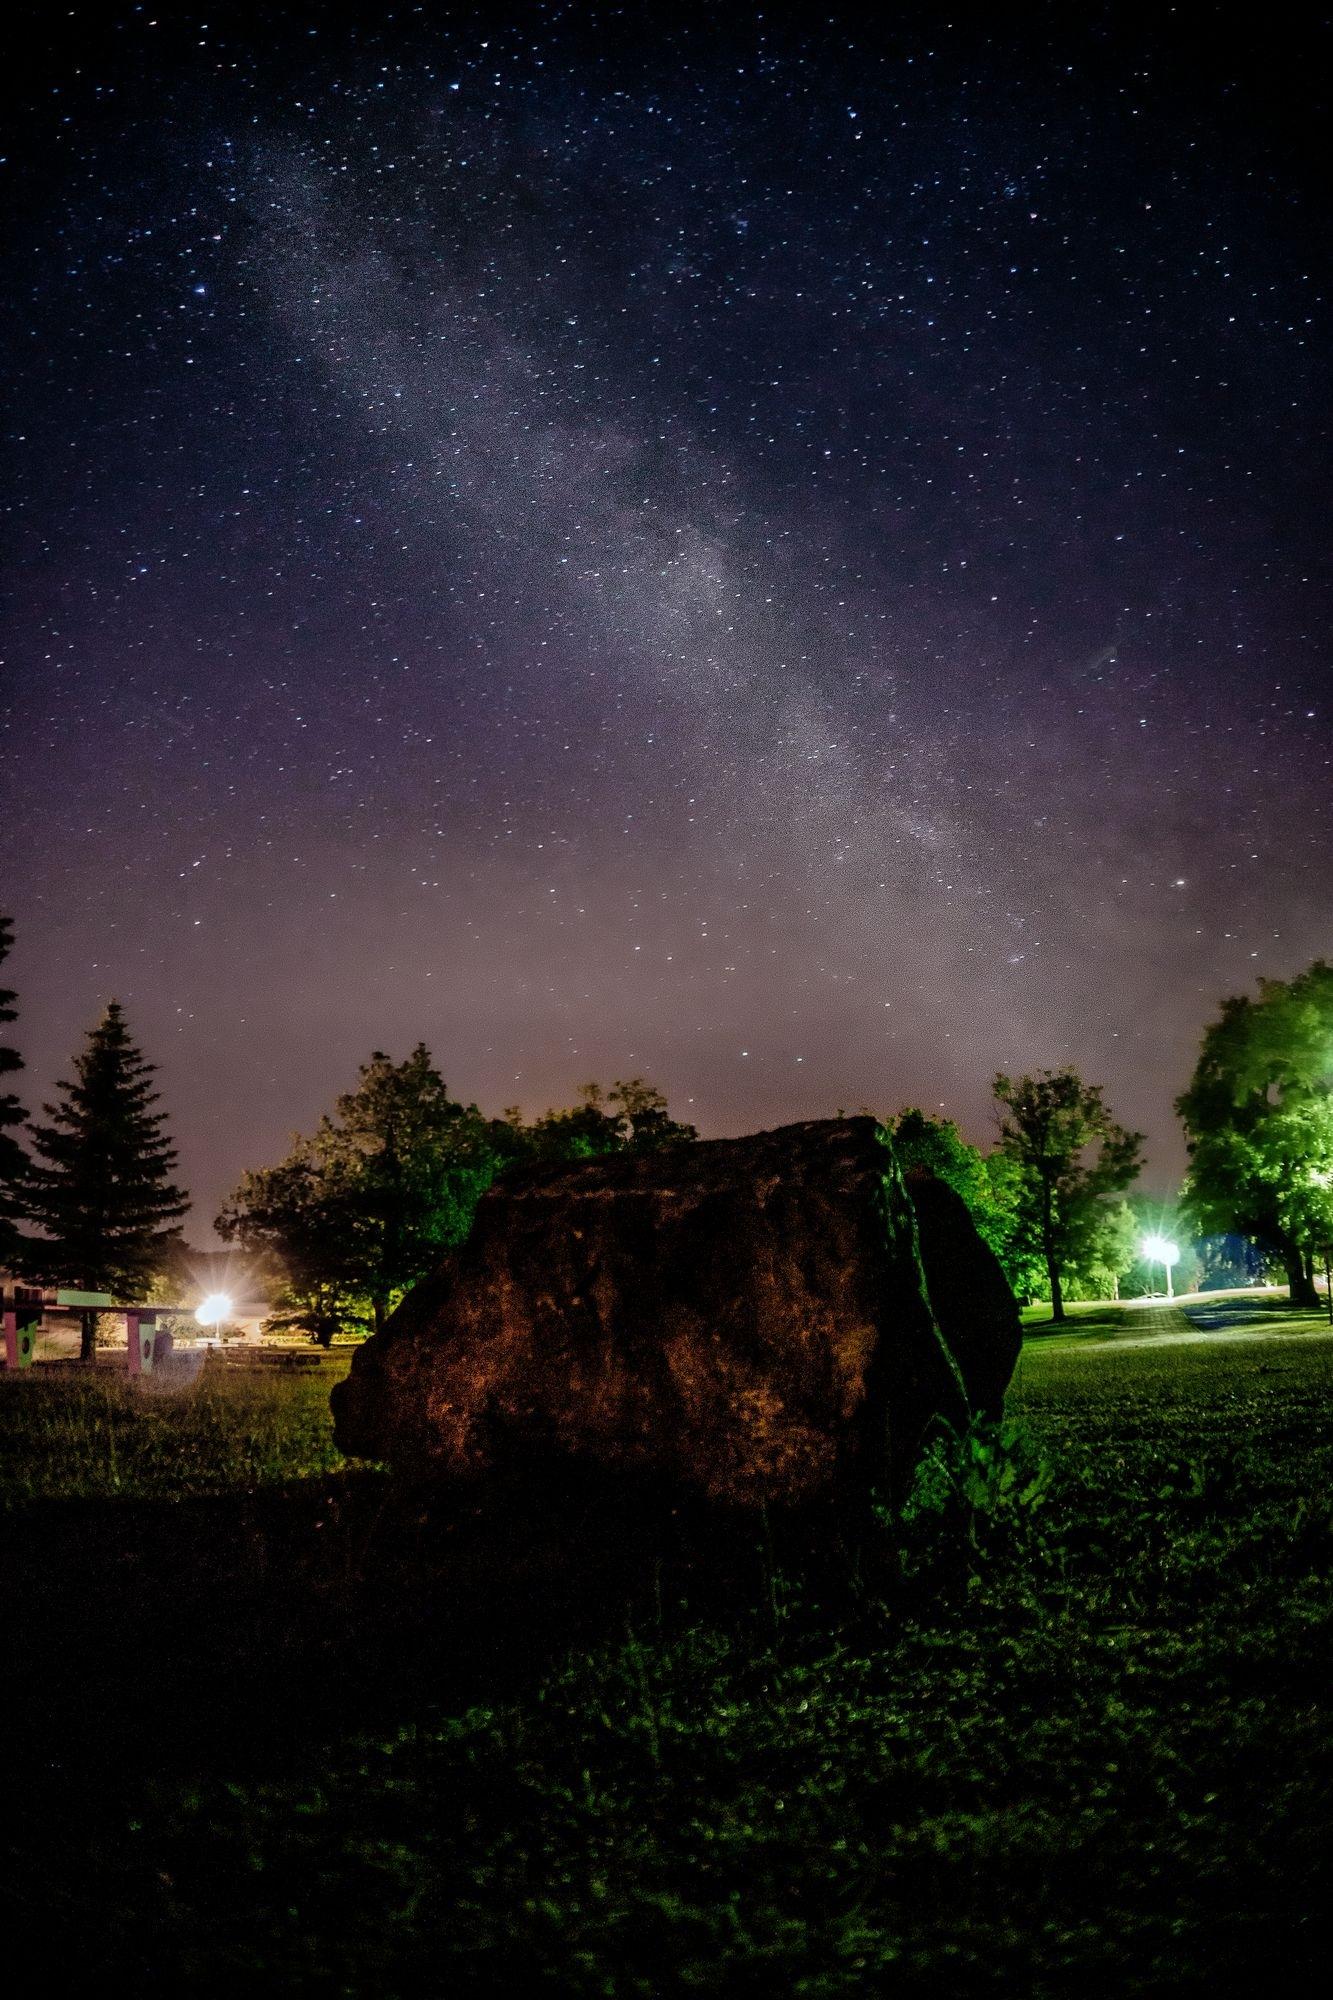 a stary night by NicNixon